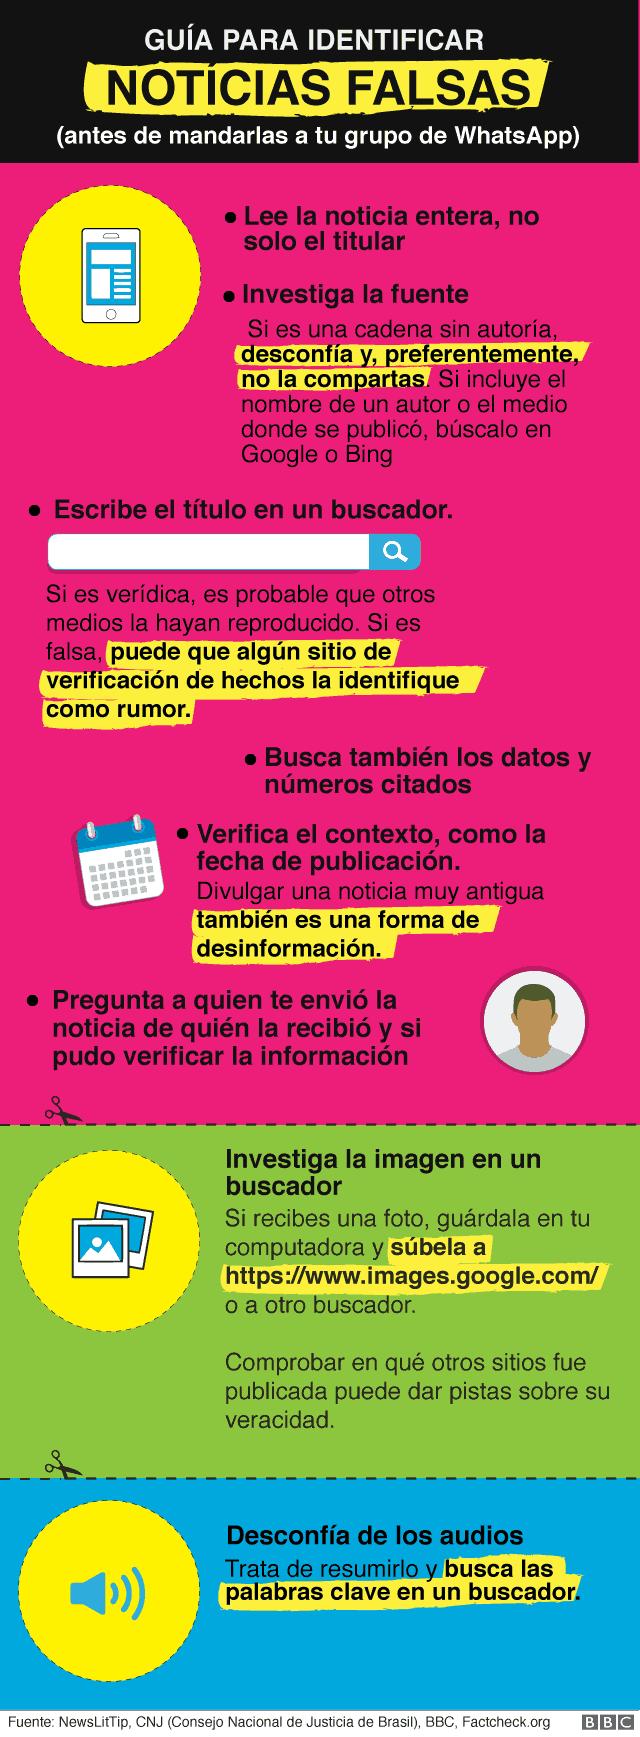 Guia Basica Para Identificar Noticias Falsas Antes De Mandarlas A Tus Grupos De Whatsapp Bbc News Mundo